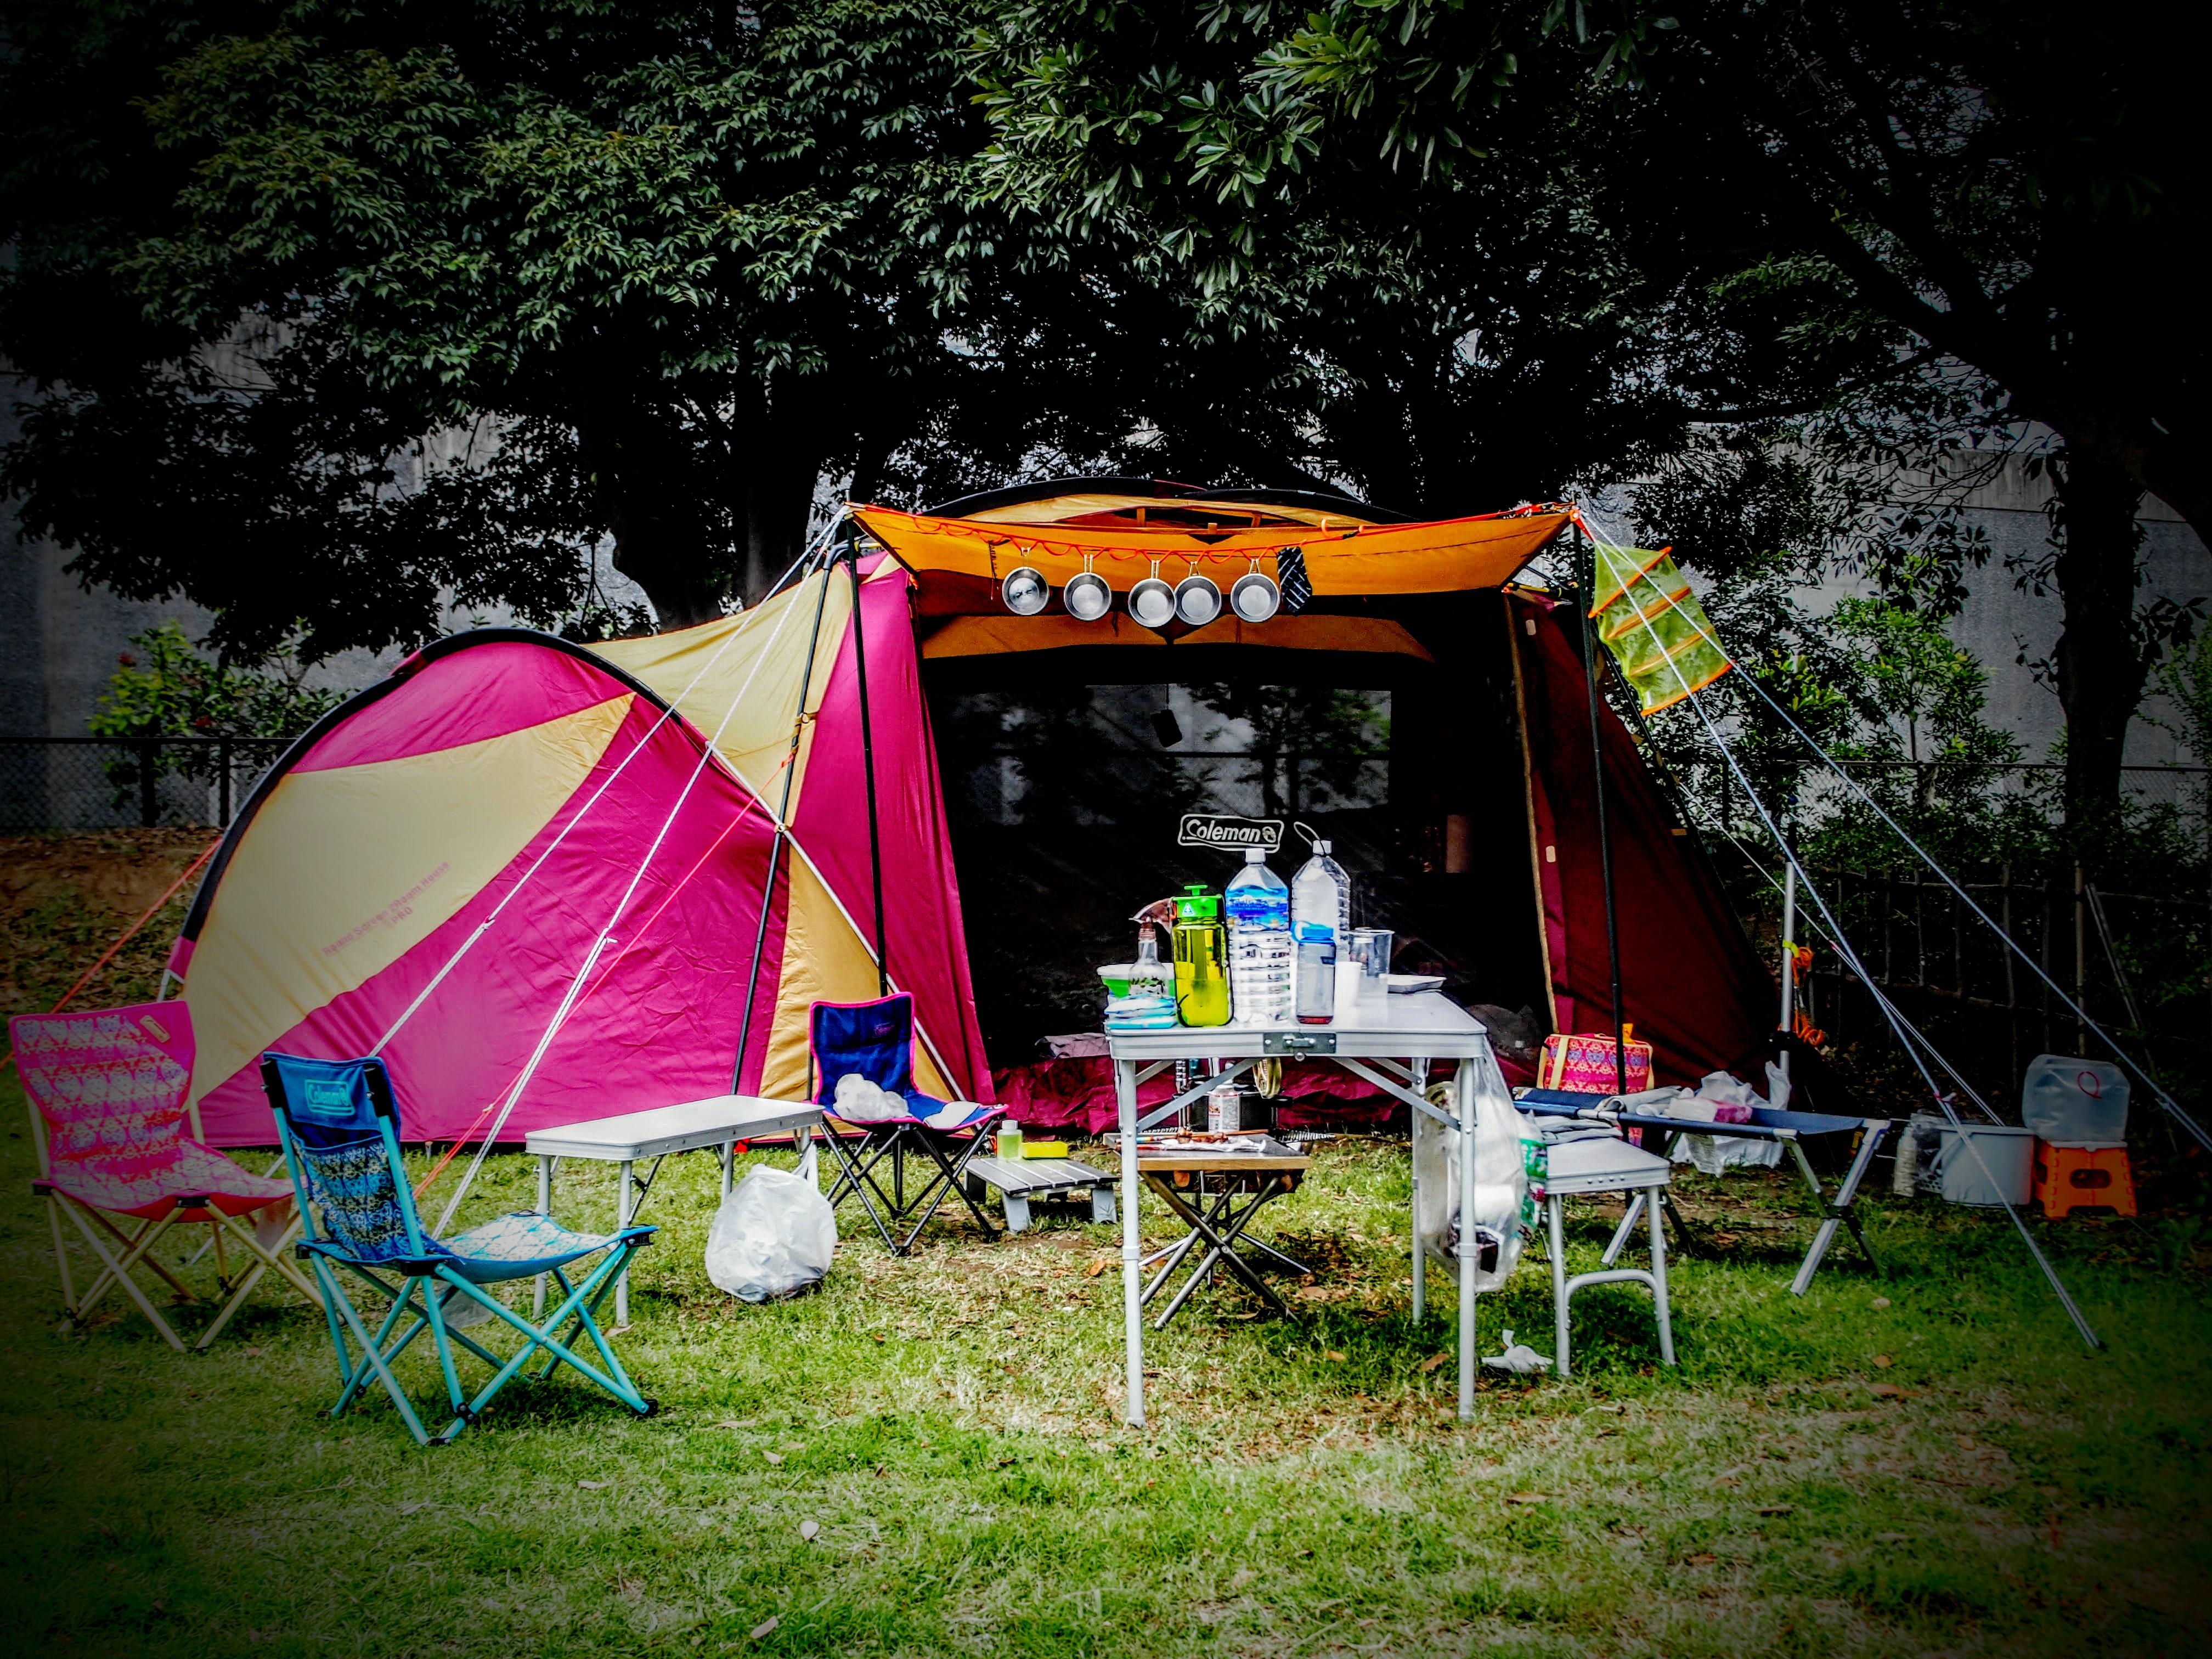 城南島海浜公園キャンプ場の楽しみ方